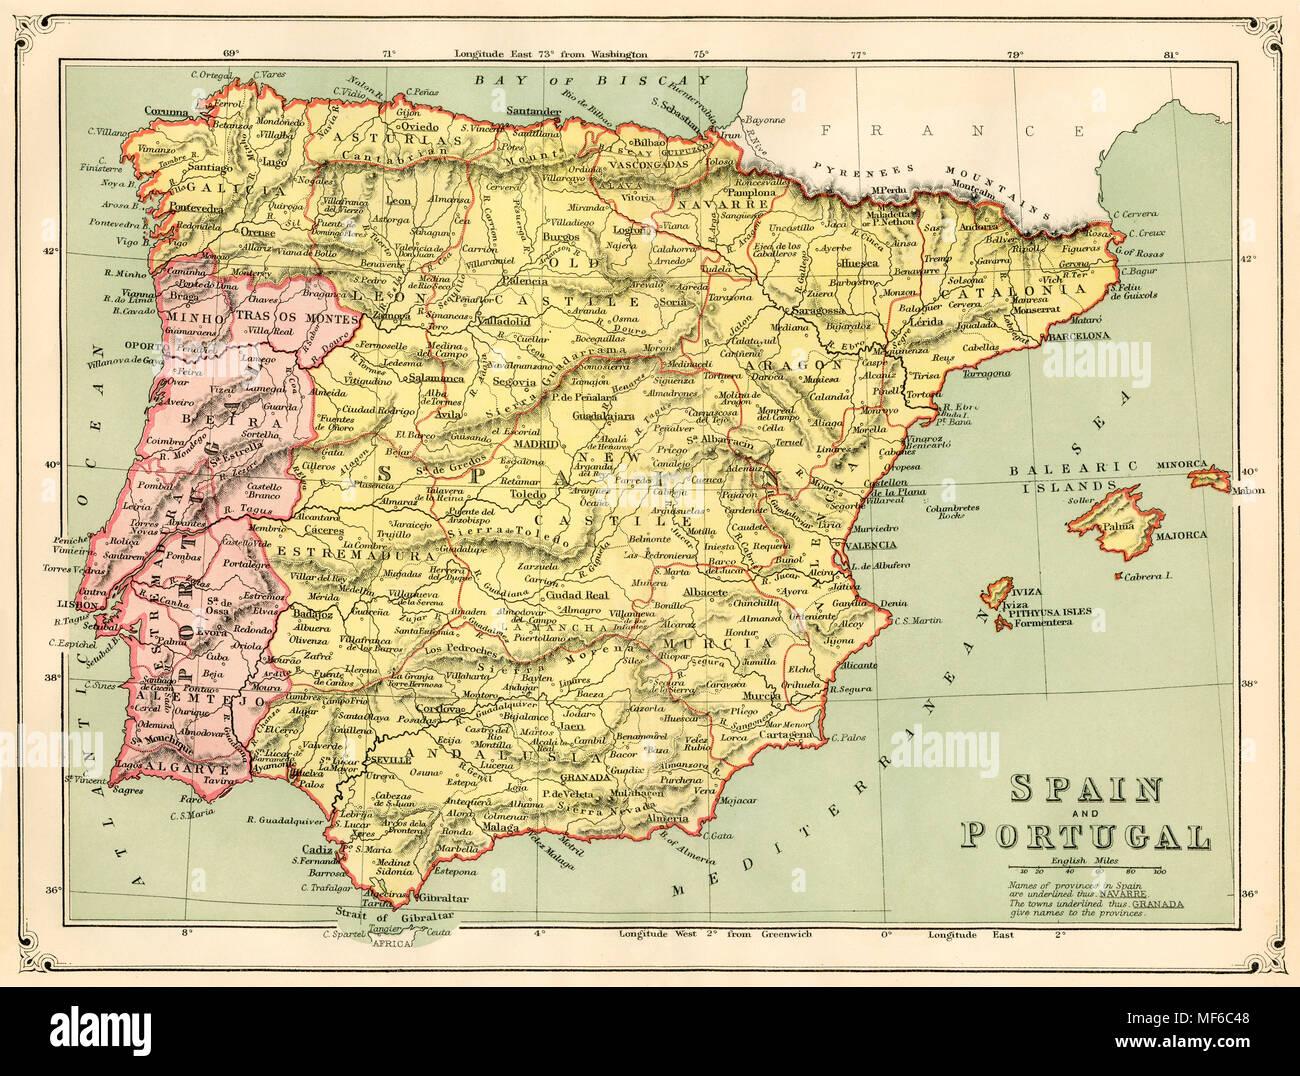 Cartina Portogallo E Spagna.Mappa Del Portogallo Immagini E Fotos Stock Alamy